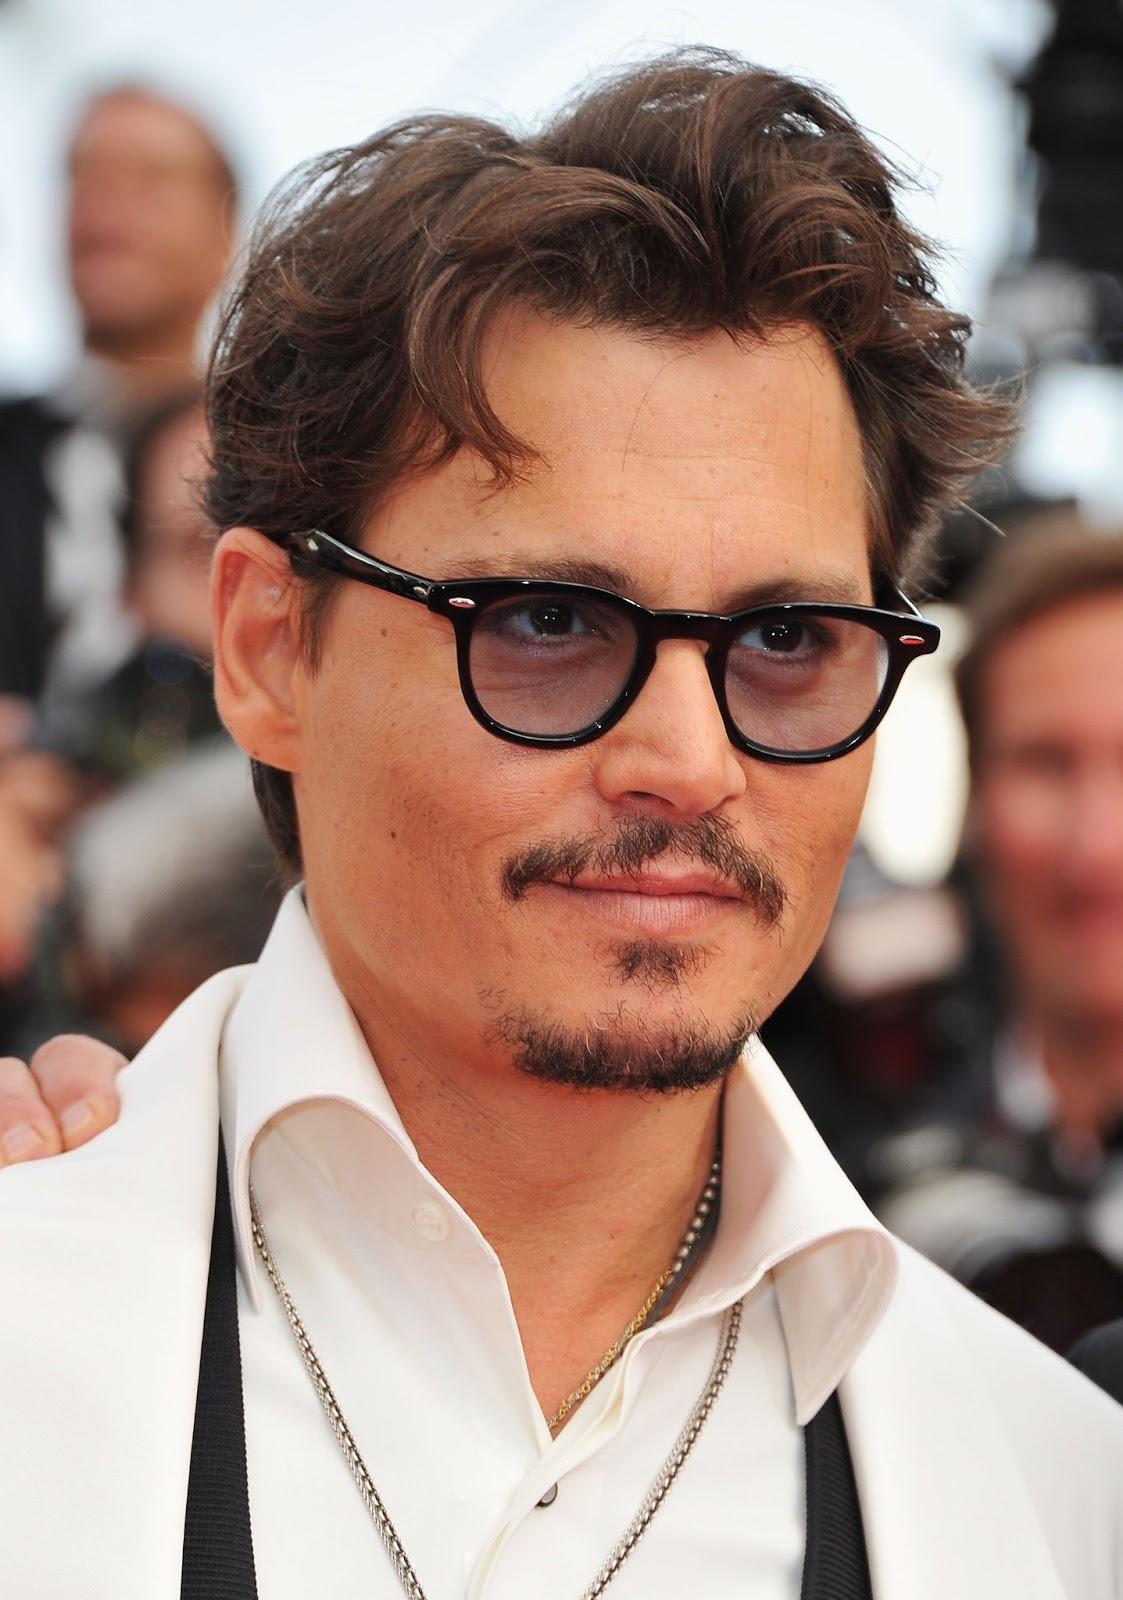 http://2.bp.blogspot.com/-KcbvRKVn7j8/US4K2oFrQyI/AAAAAAAAE0w/Rxi4ZohYKCE/s1600/mustache+Johnny+Depp.jpg